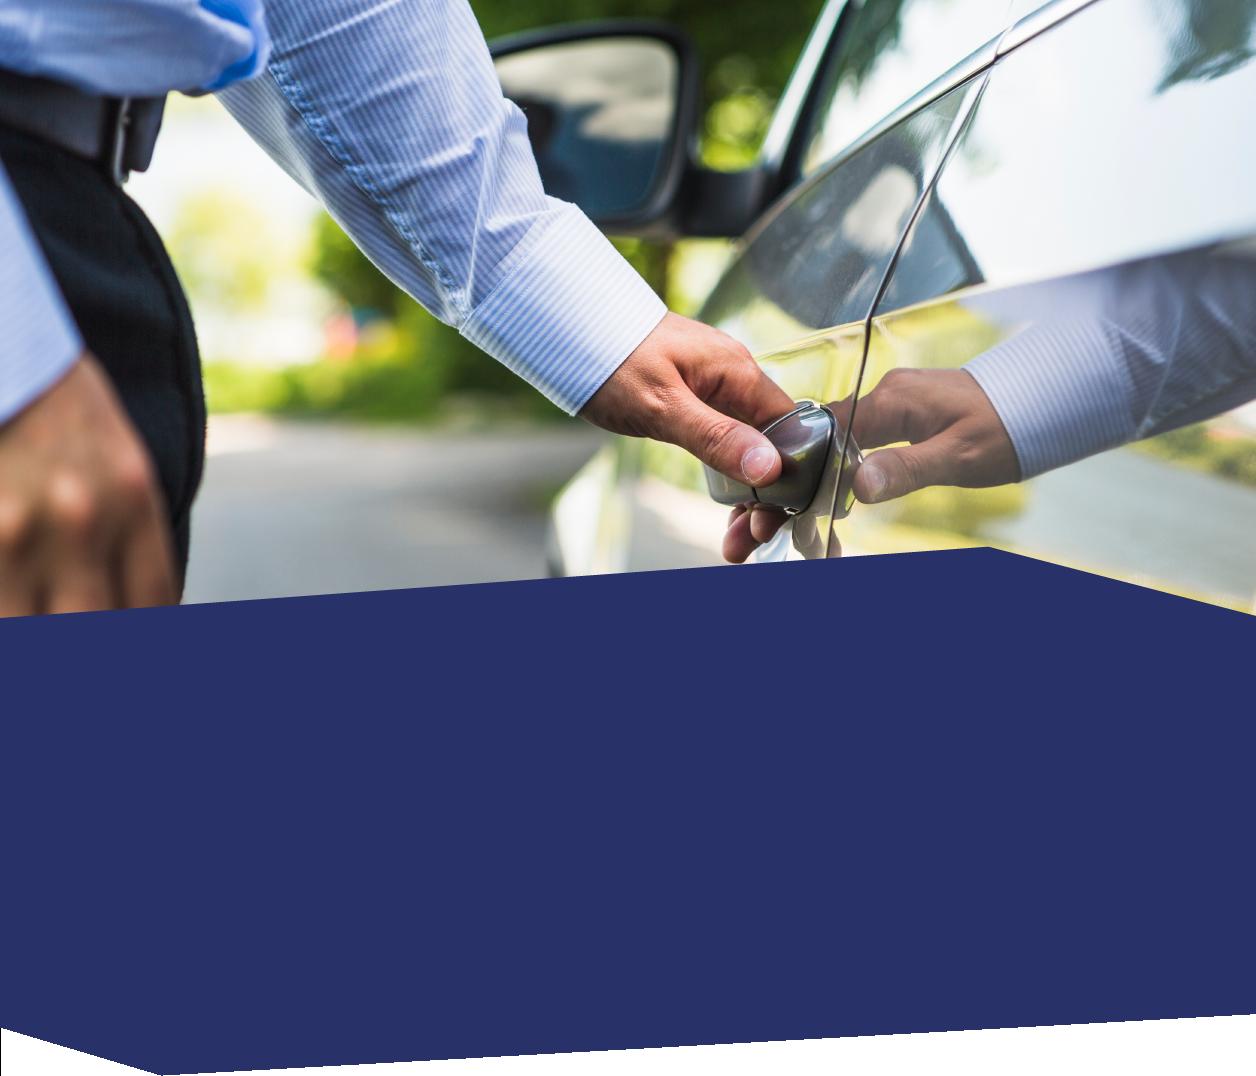 ch7 new tax law and mileage reimbursement